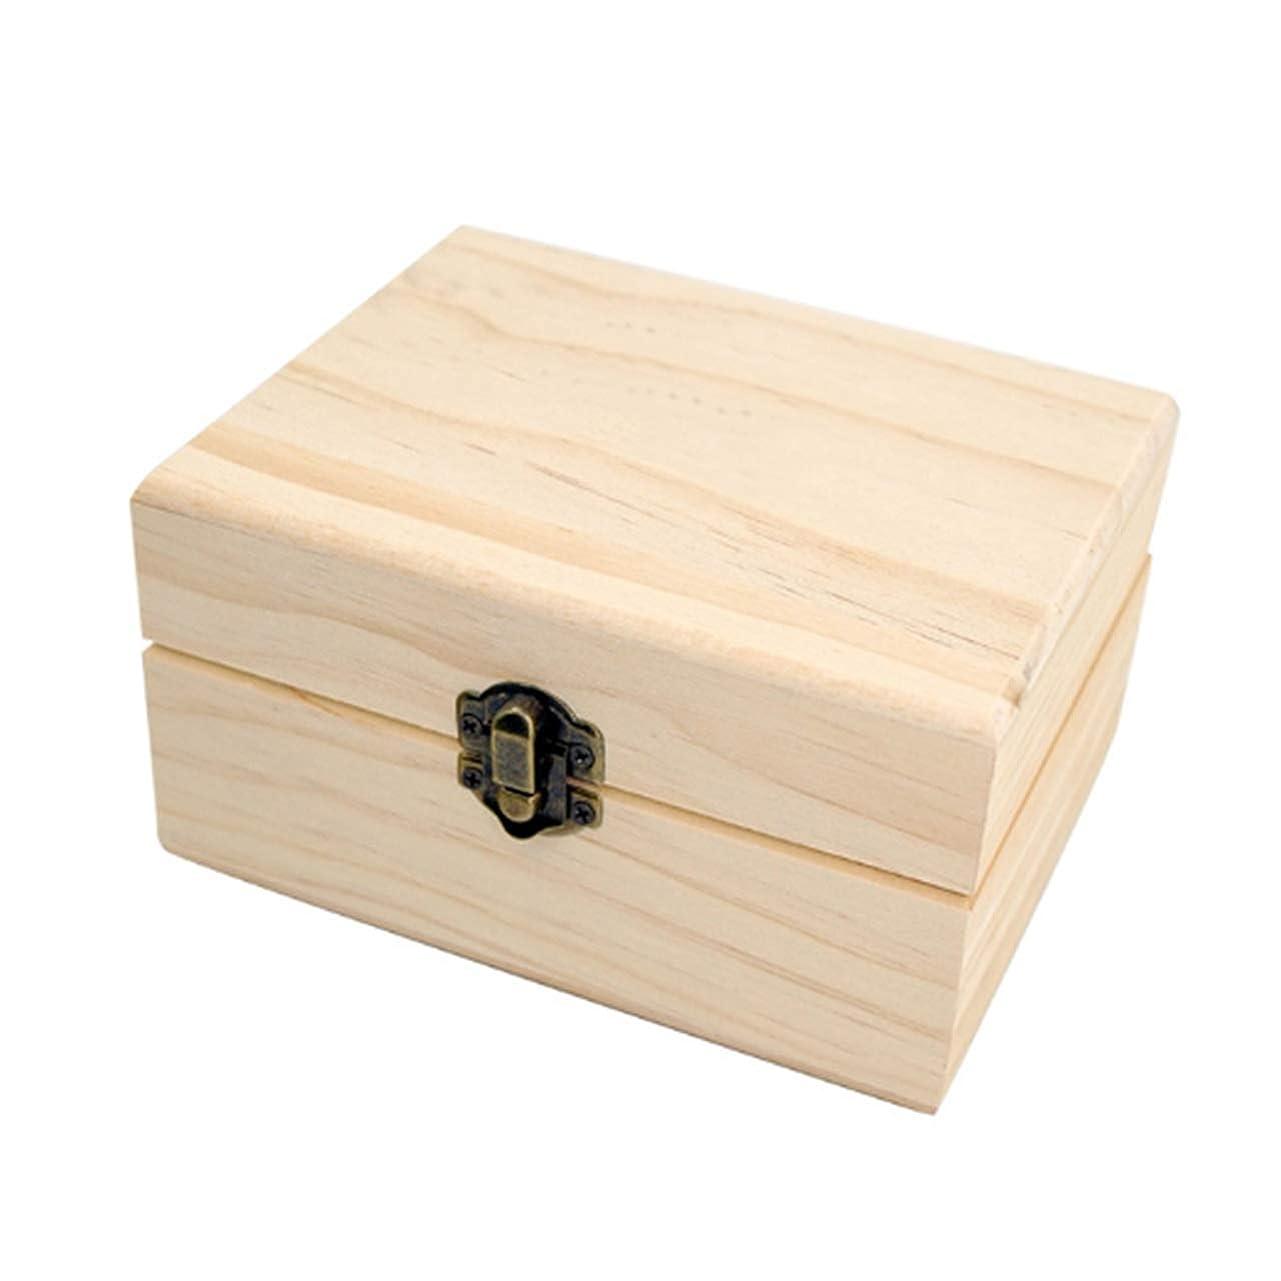 維持拡声器学校の先生フェリモア エッセンシャルオイル 収納ボックス ボトル用 松 木製 格子状 倒れにくい 12マス (ブラウン)